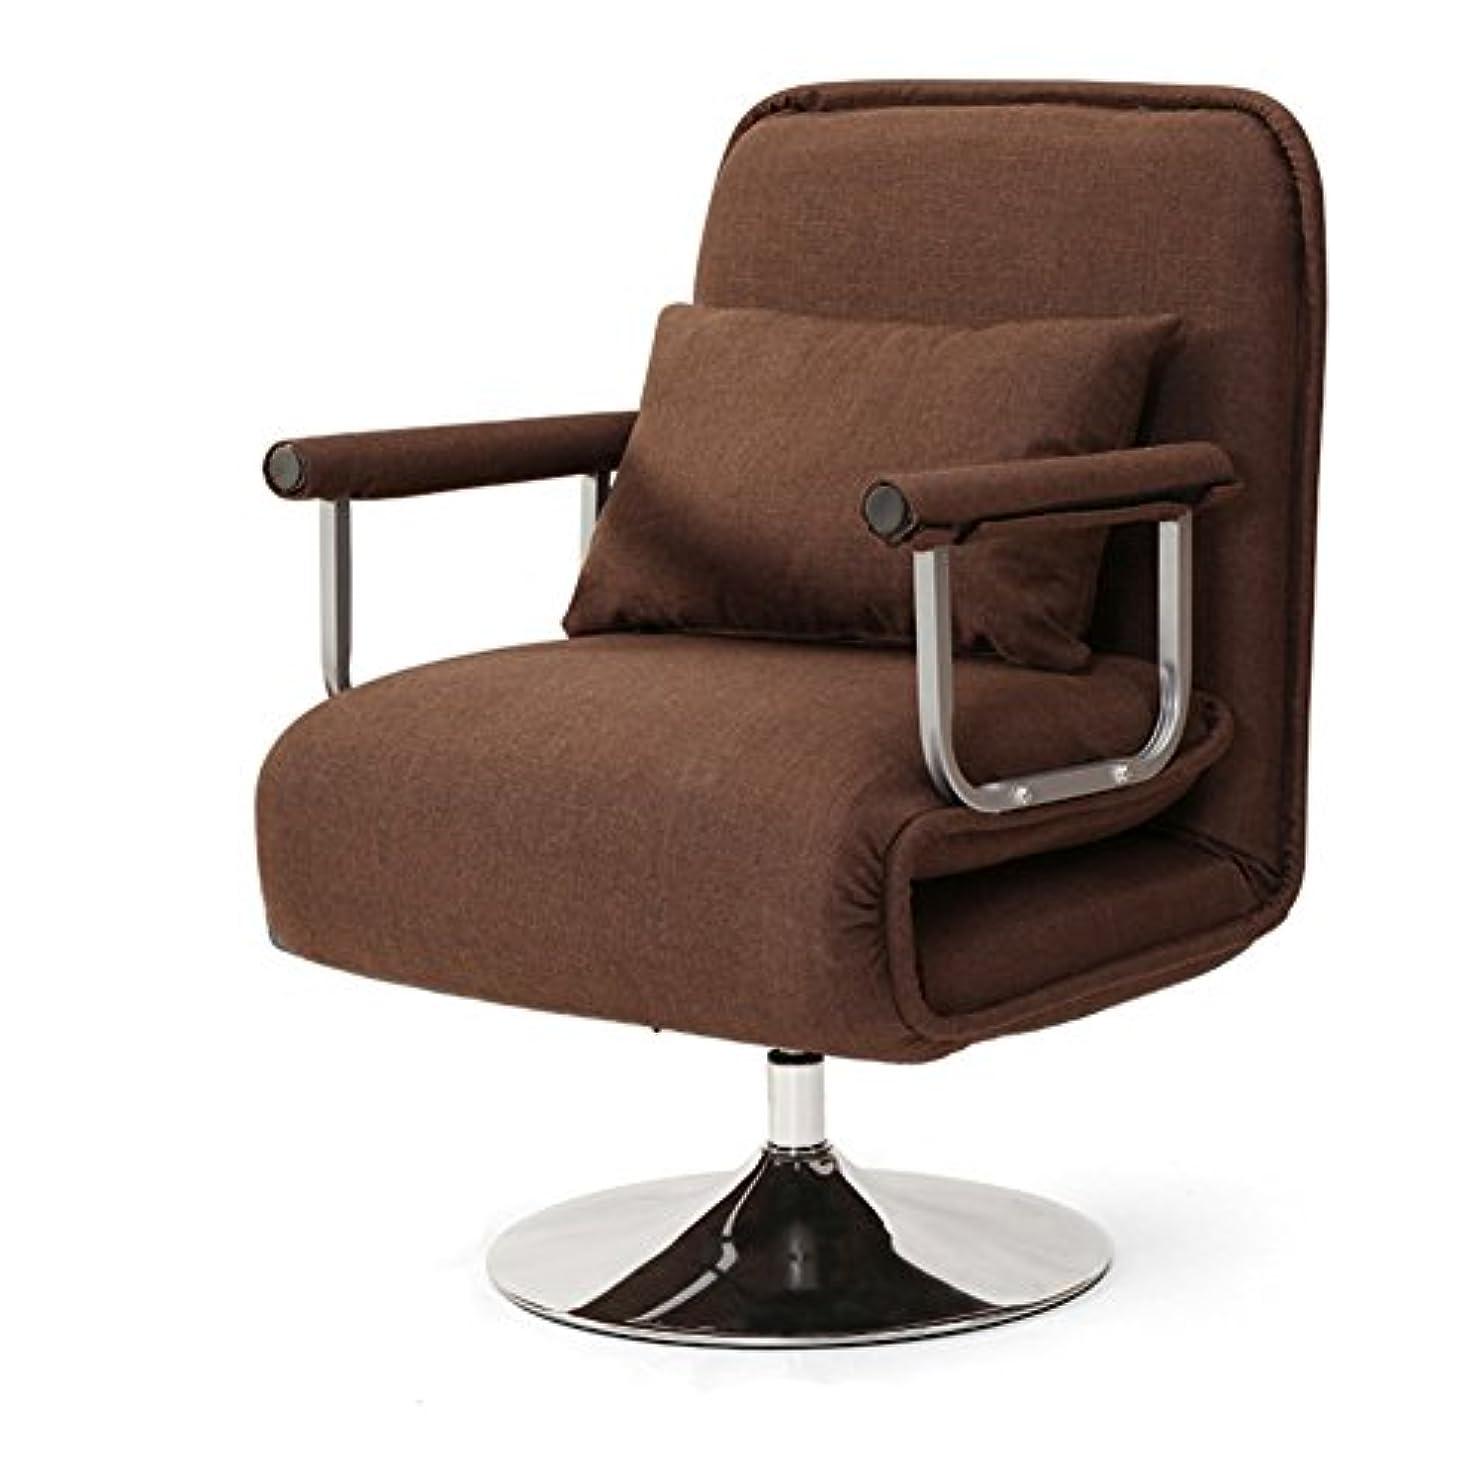 を必要としていますアルカイック郵便L&J オフィス折りたたみ椅子,ソファチェア 折りたたみベッド リクライニングチェア ラウンジチェア 中庭の椅子 お釣り 庭 パティオ ビーチ プール 花火大会 キャンプ スポーツ観戦-耐荷重200kg,リネン